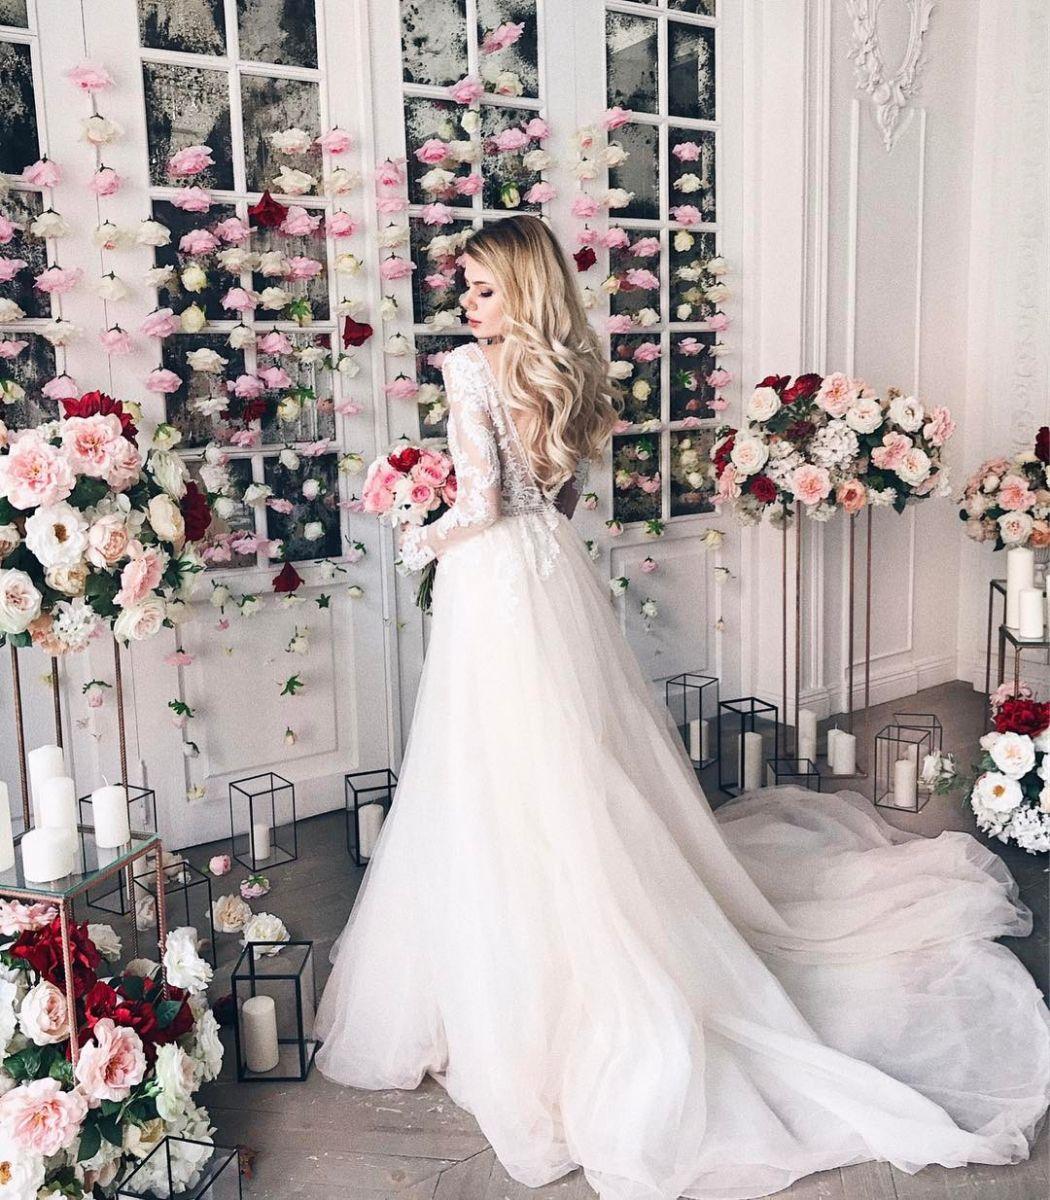 прическа алены красновой на свадьбе